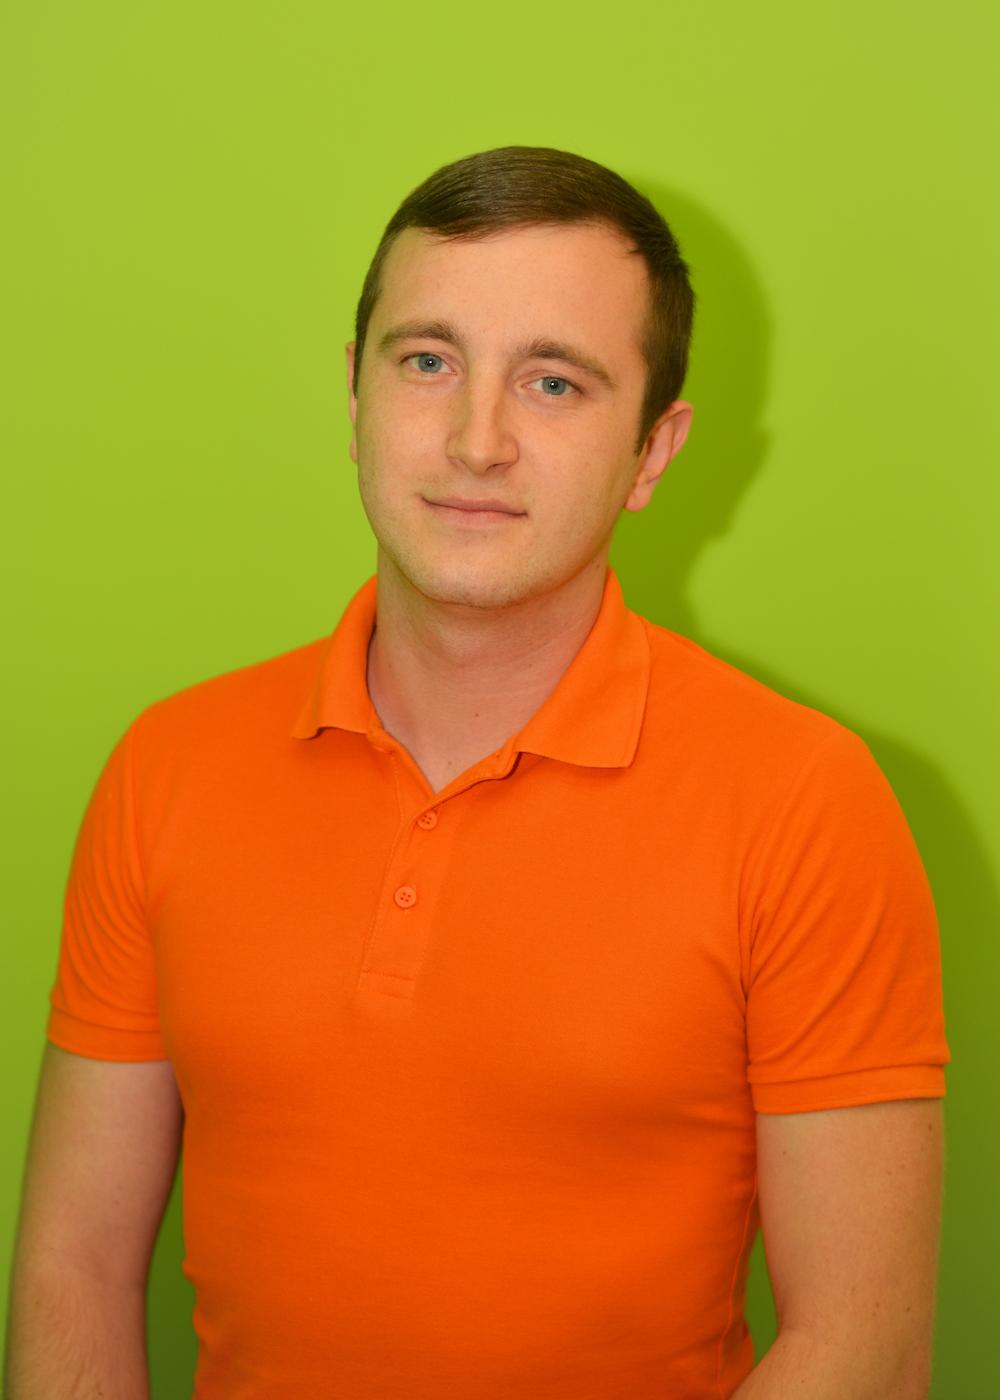 volovodovsky